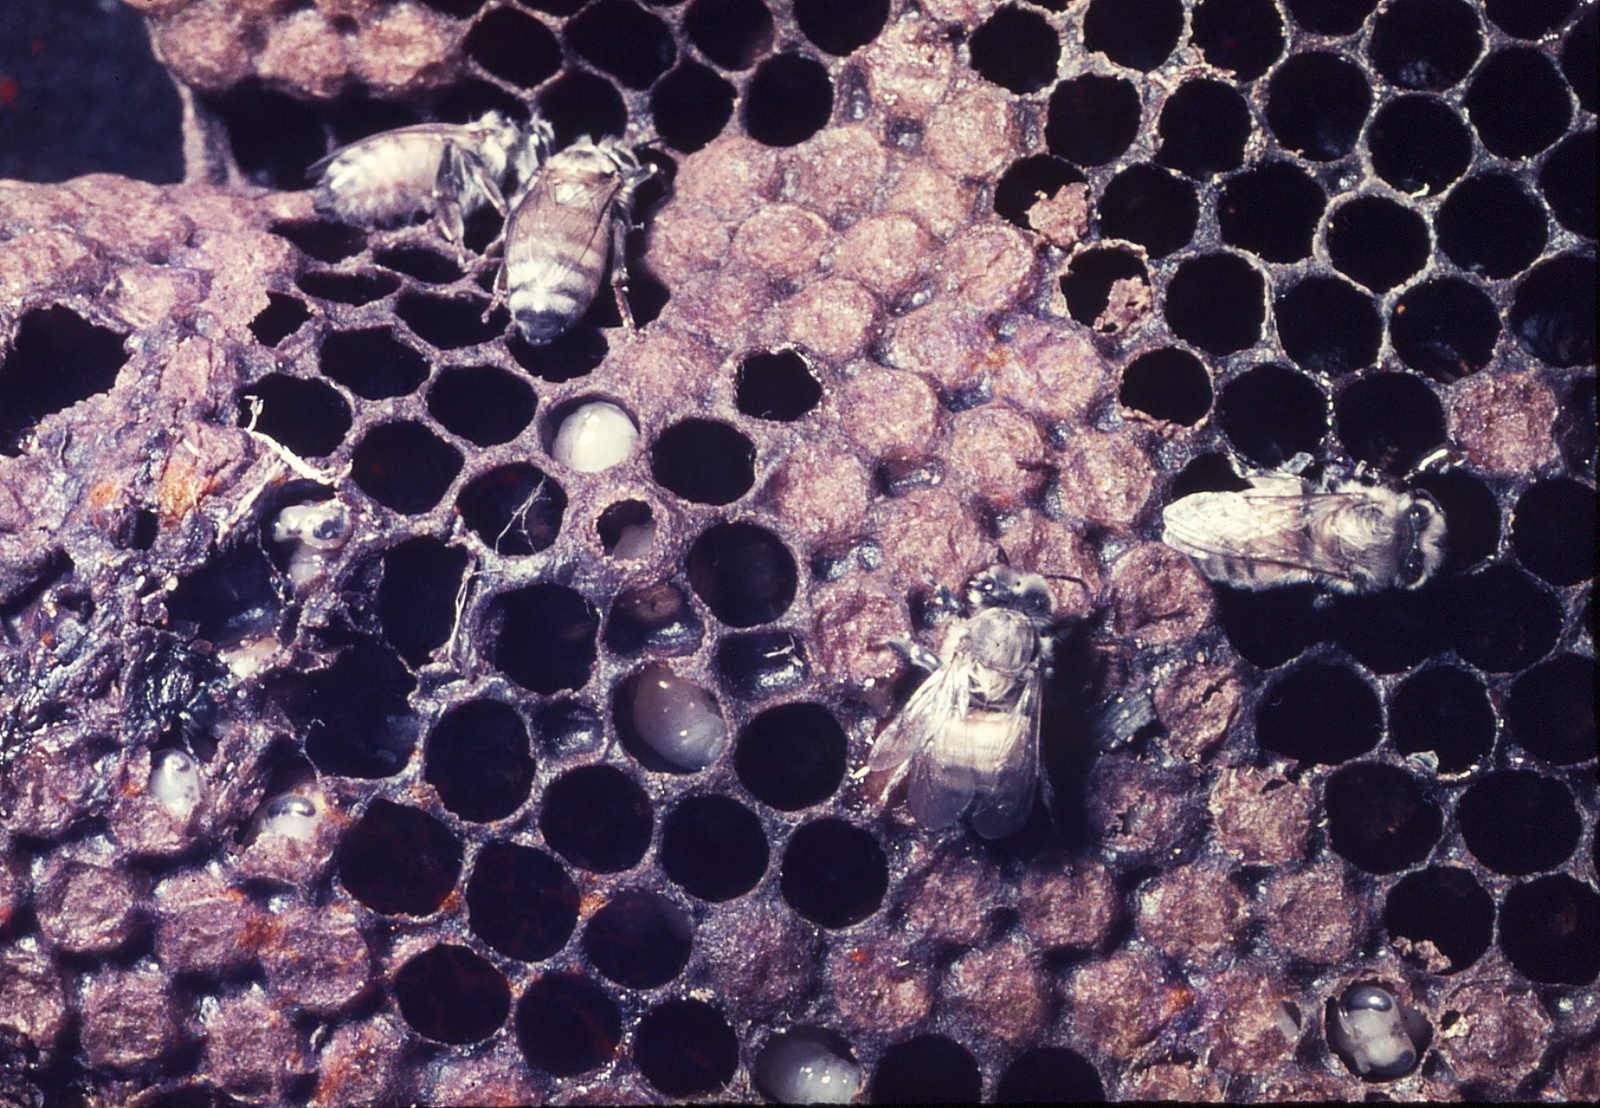 חלה עם דבורים צעירות ורימות